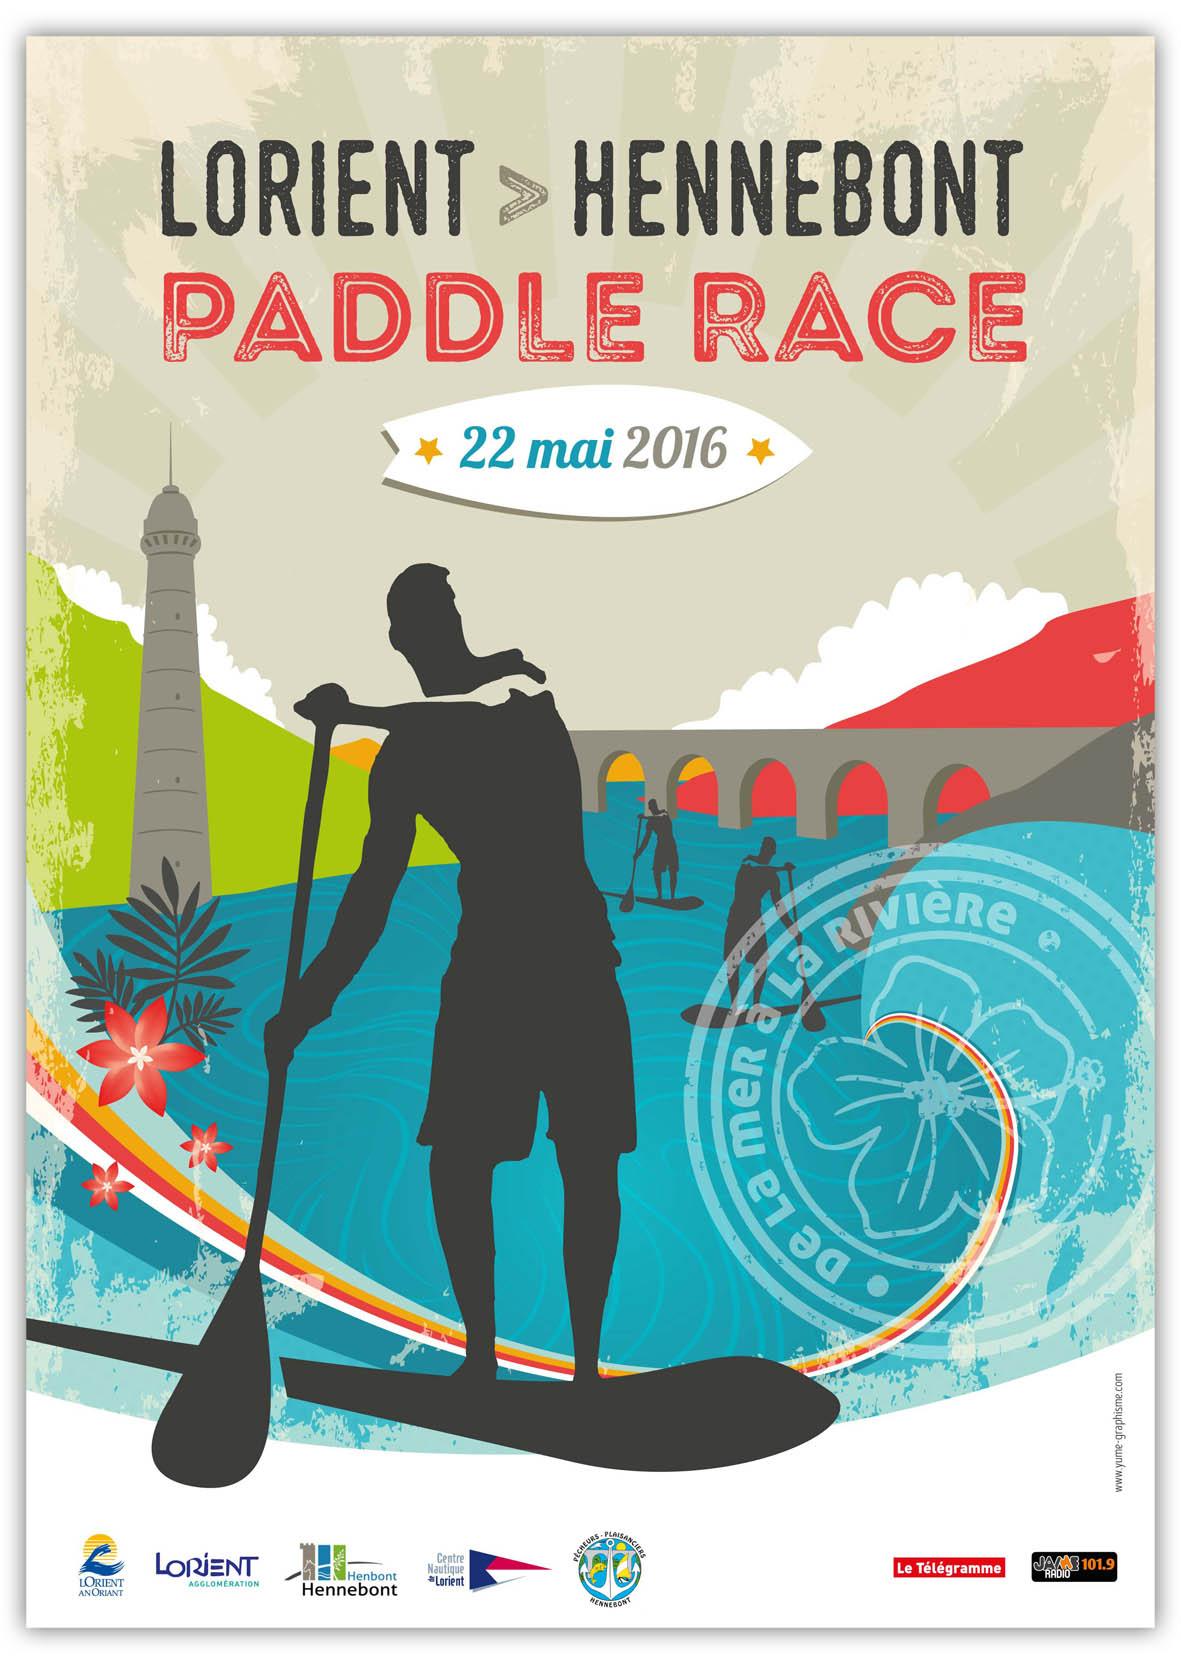 Lorient Hennebont Paddle Race 2016